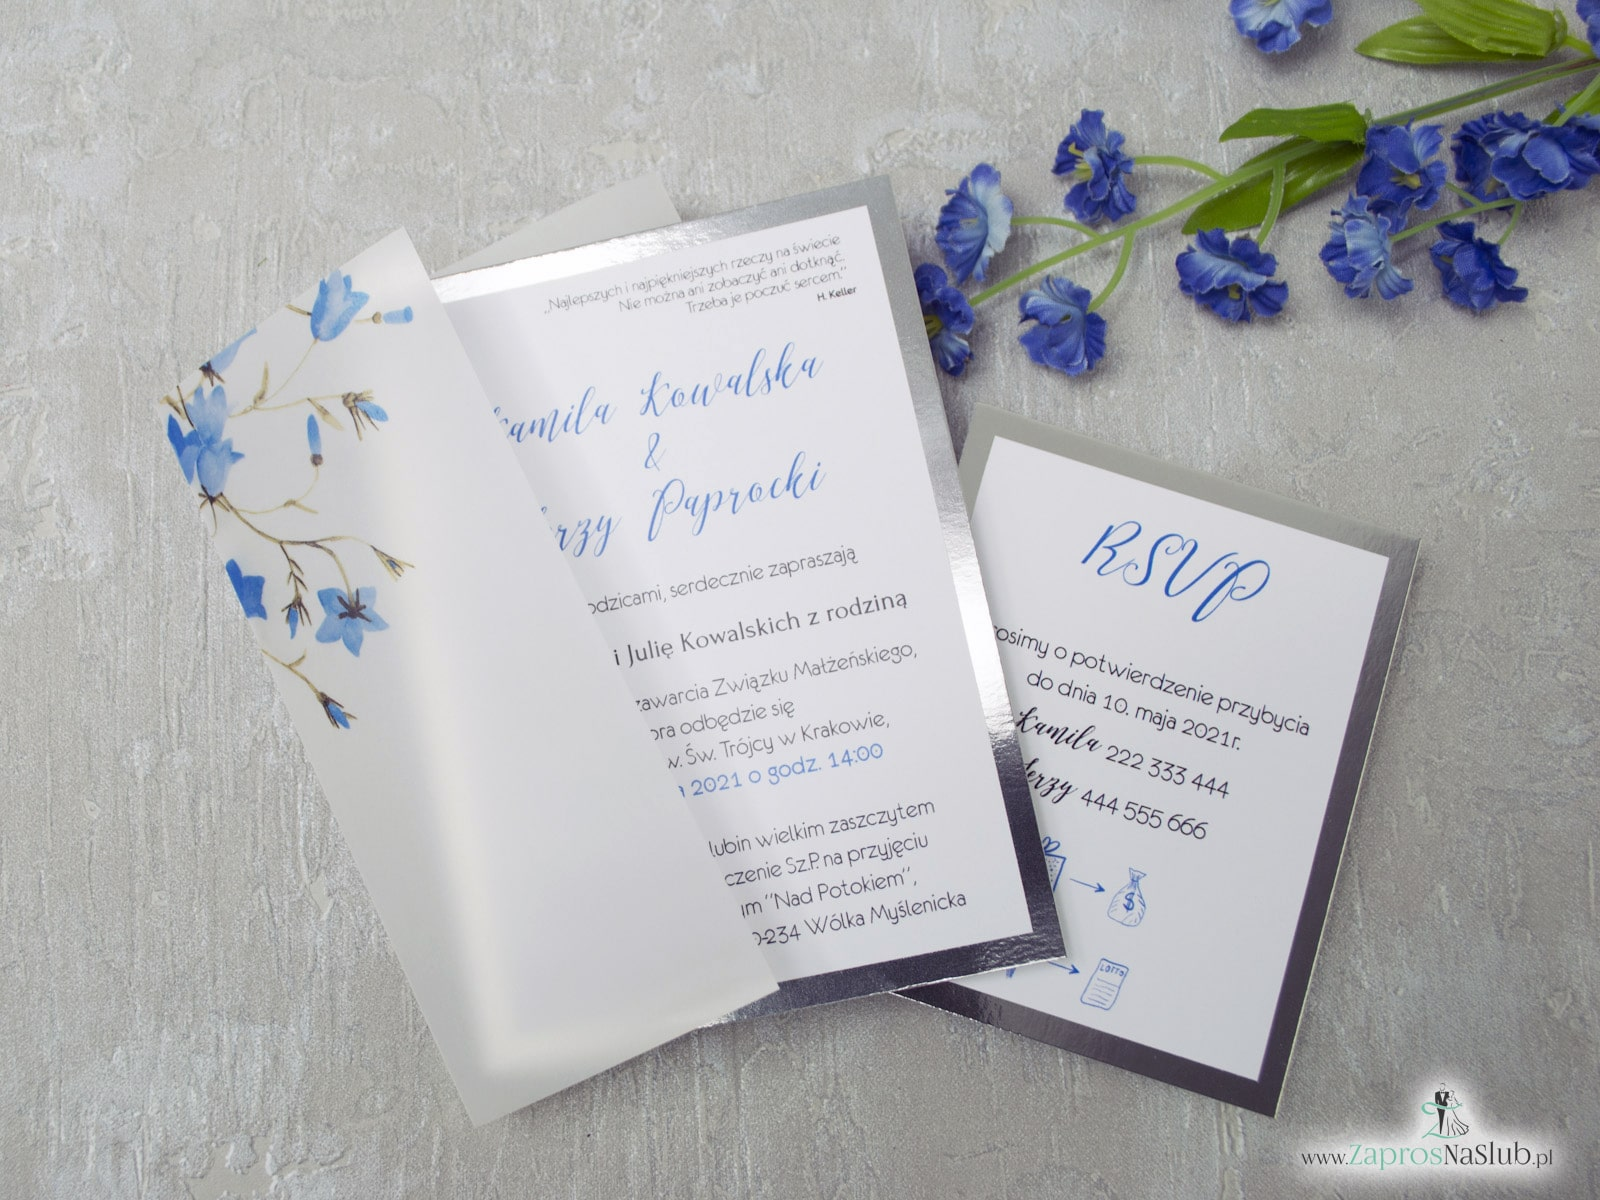 Zimowe zaproszenia ślubne ZaprosNaSlub